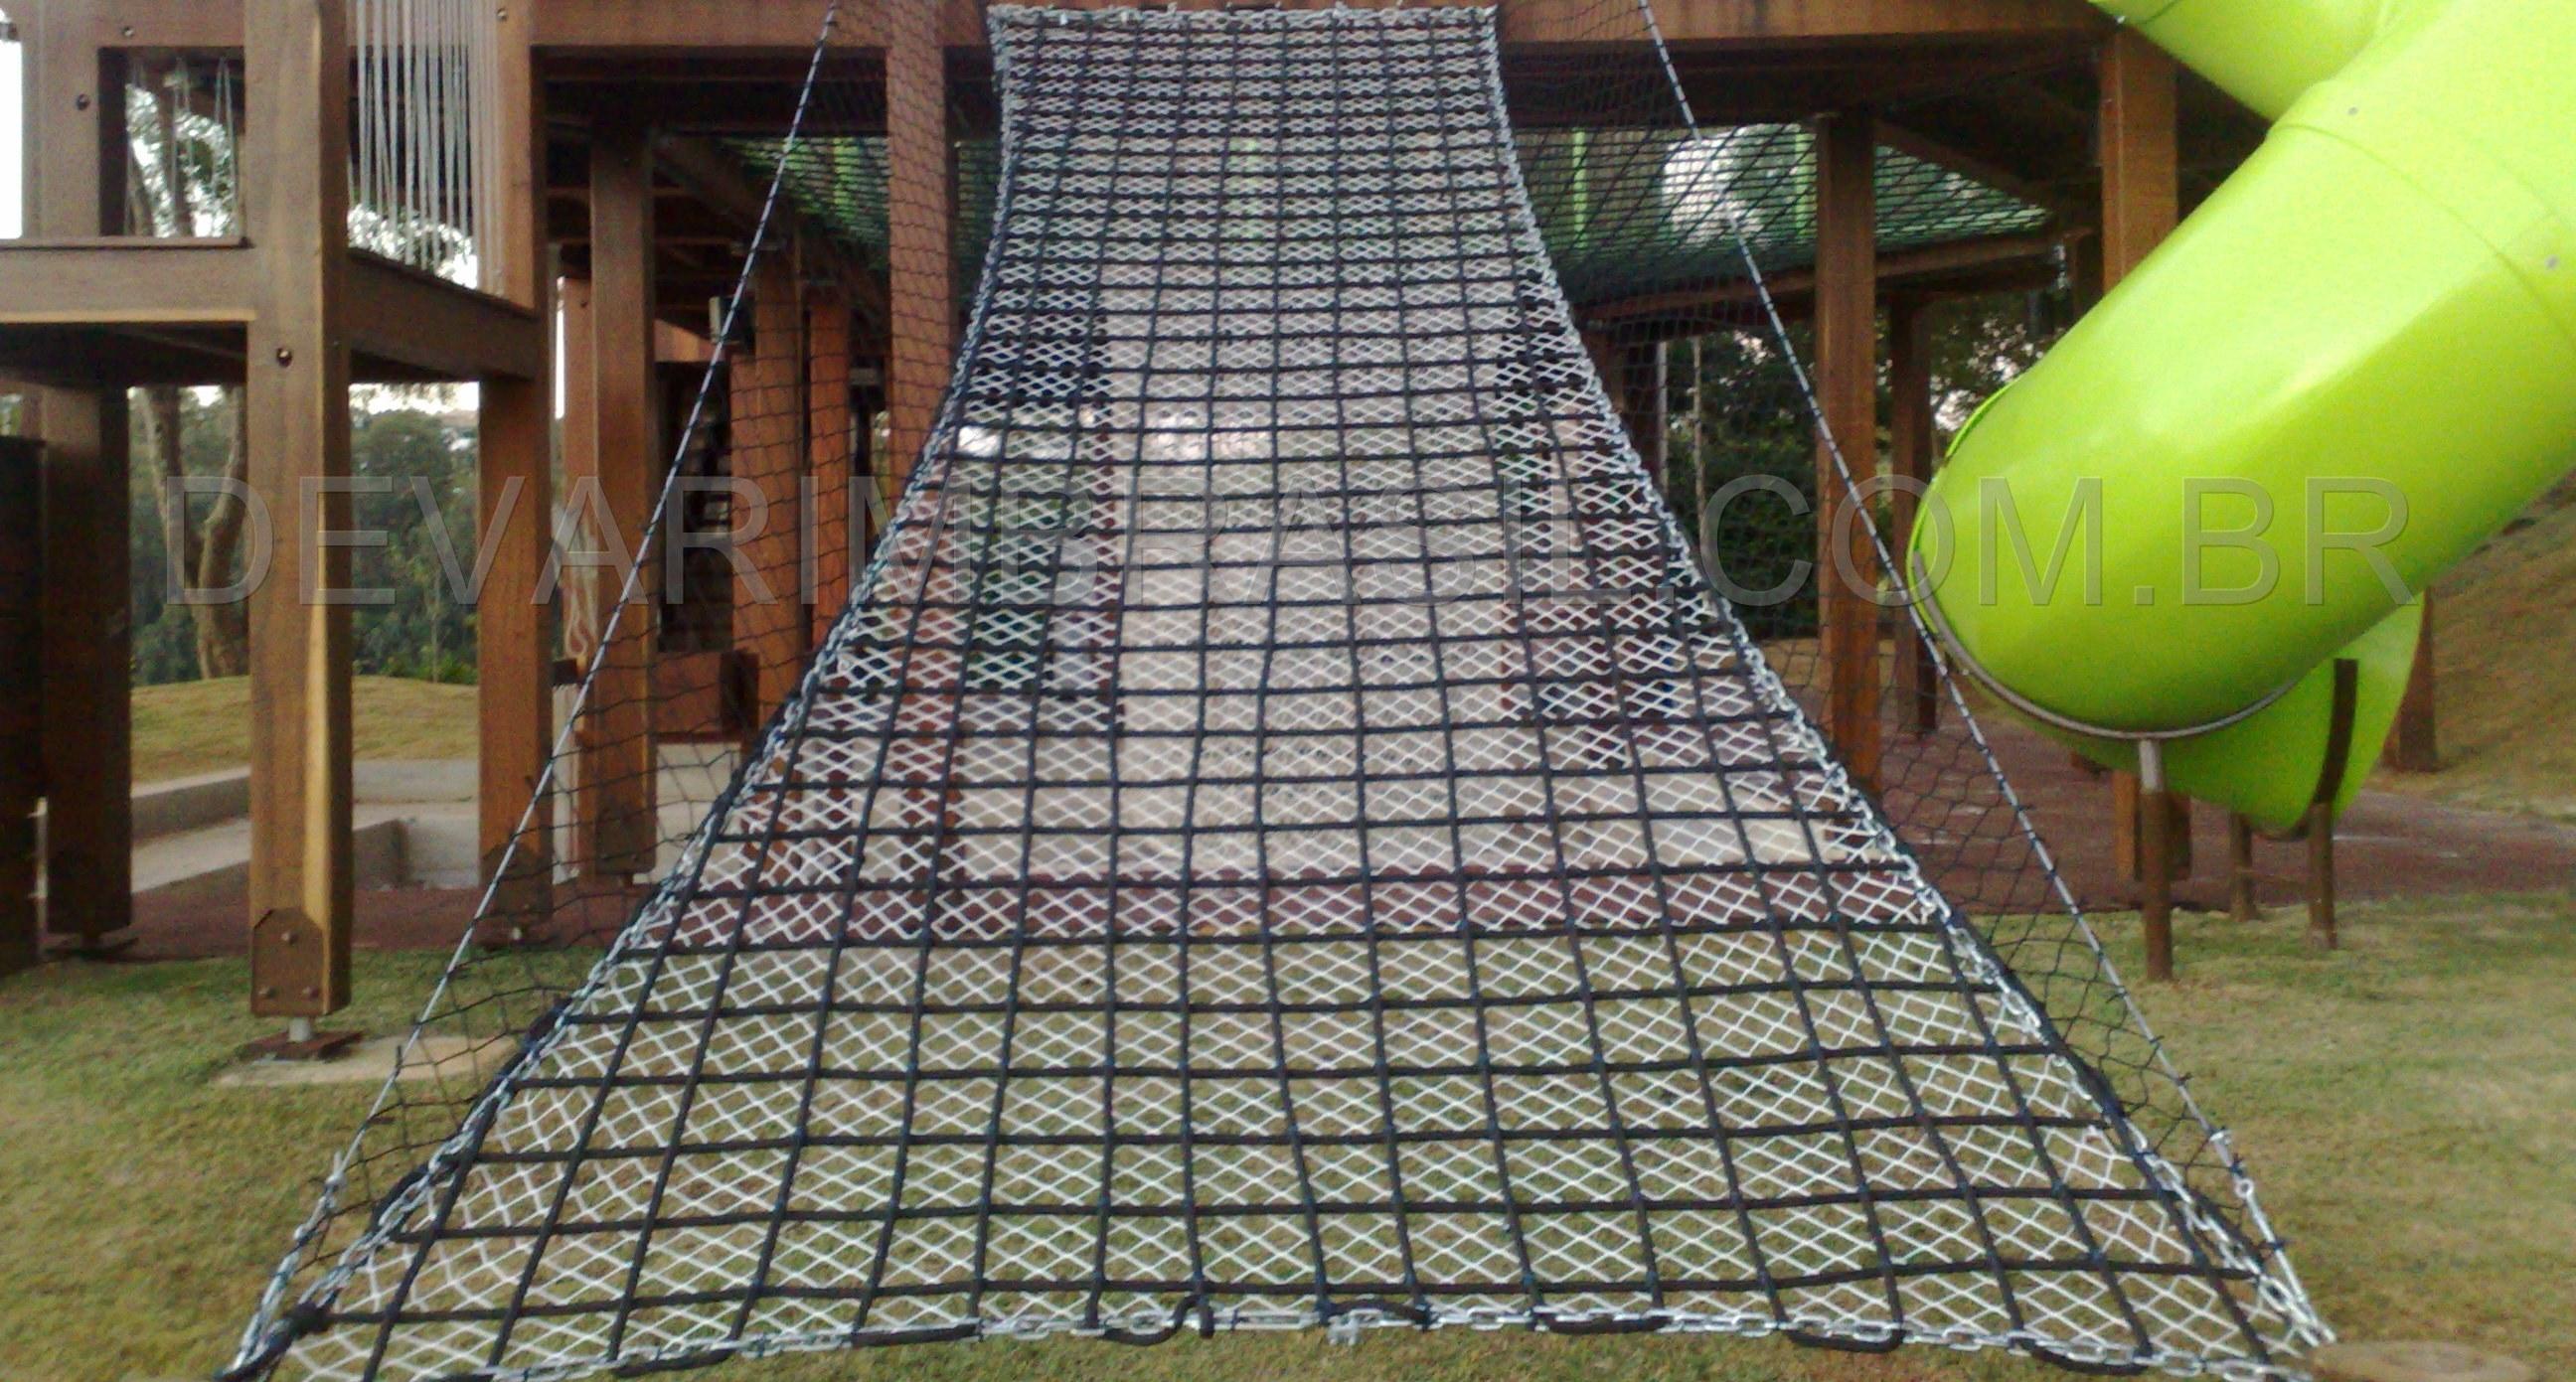 Rede-de-Proteção-para-Playground_wm